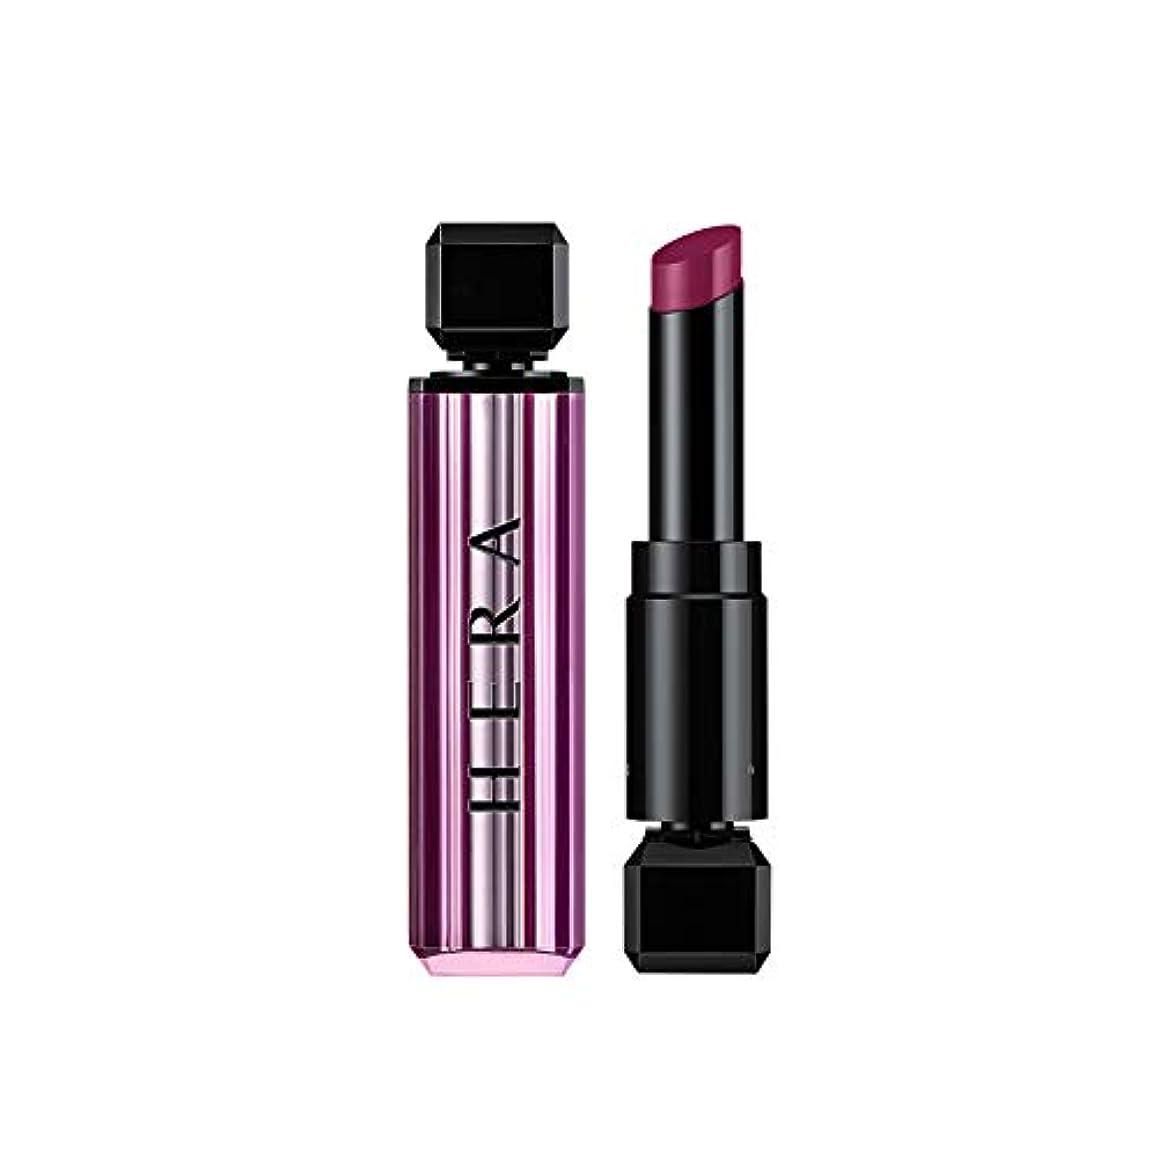 特異なスロープウッズ【HERA公式】ヘラ リップジェルクラッシュ/HERA Lip Gelcrush 141号 マイサッシ―ピンク #141 My Sassy Pink